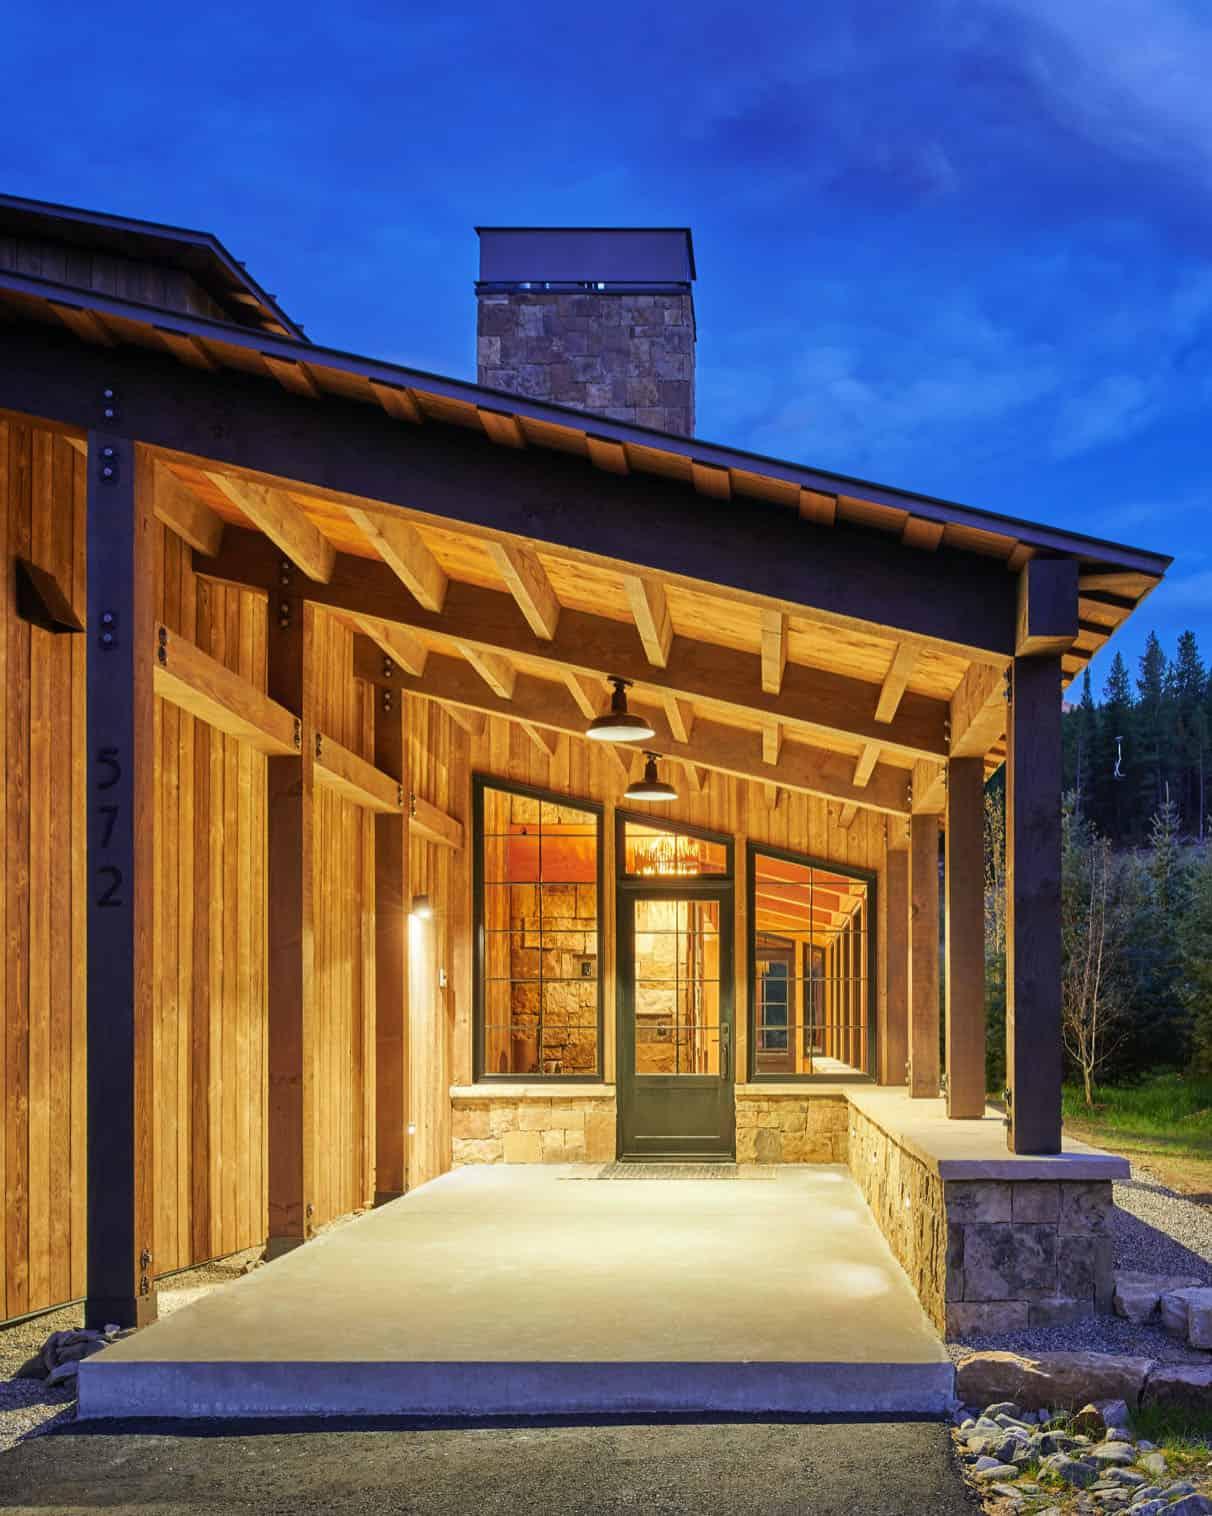 barn-inspired-home-entry